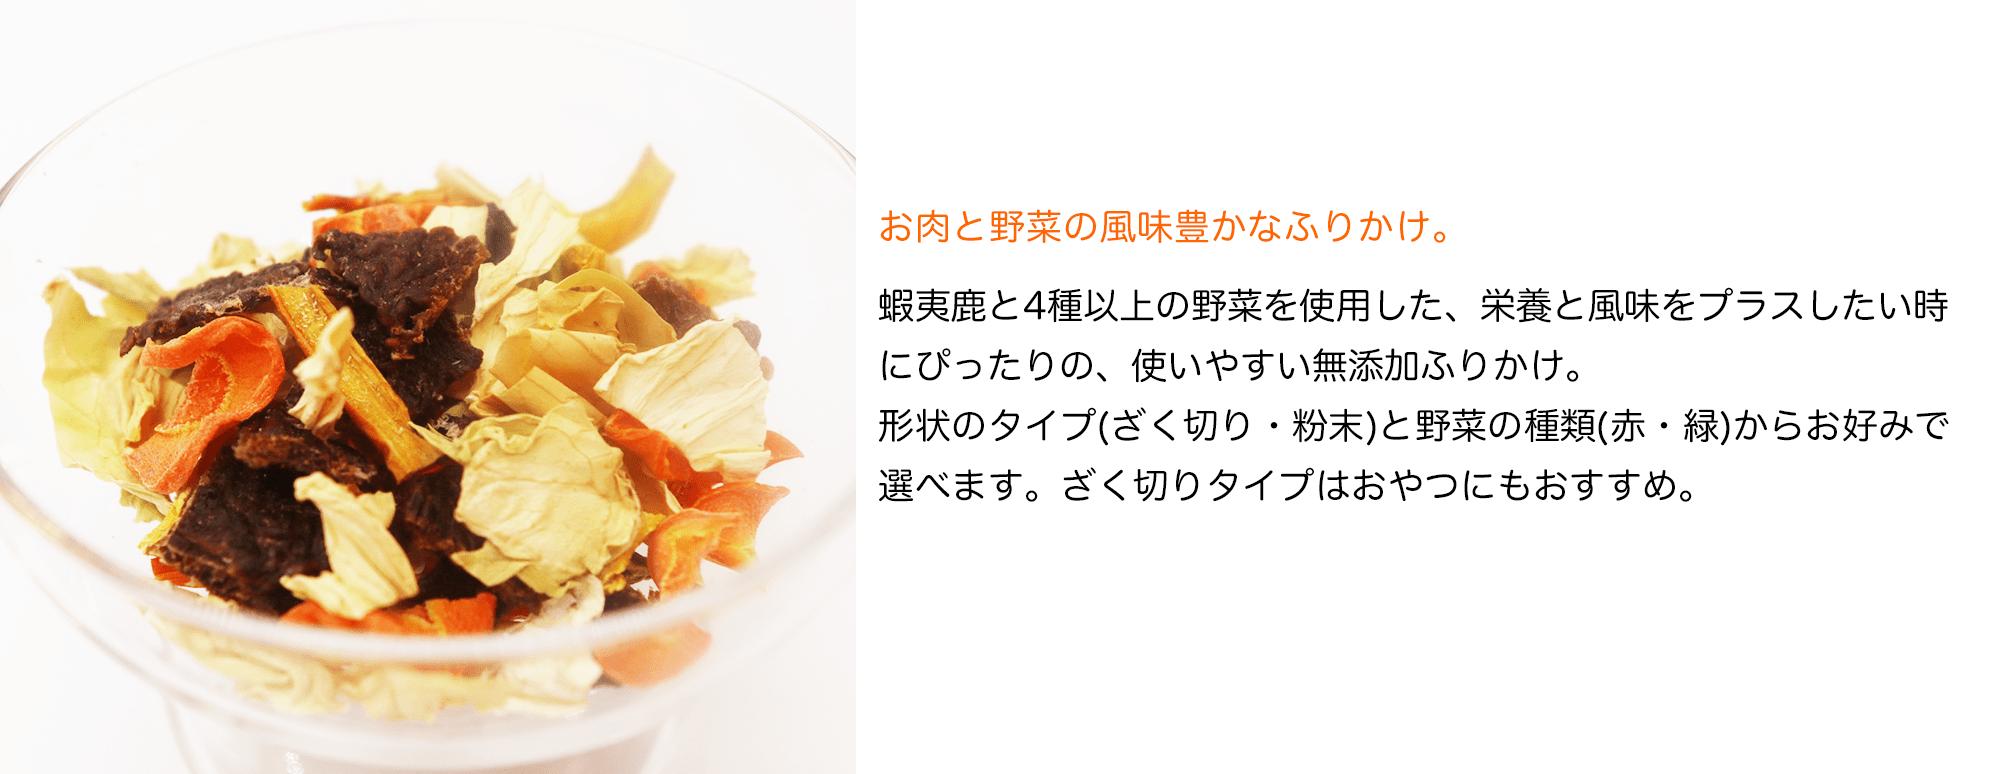 蝦夷鹿と野菜の自家製ふりかけ